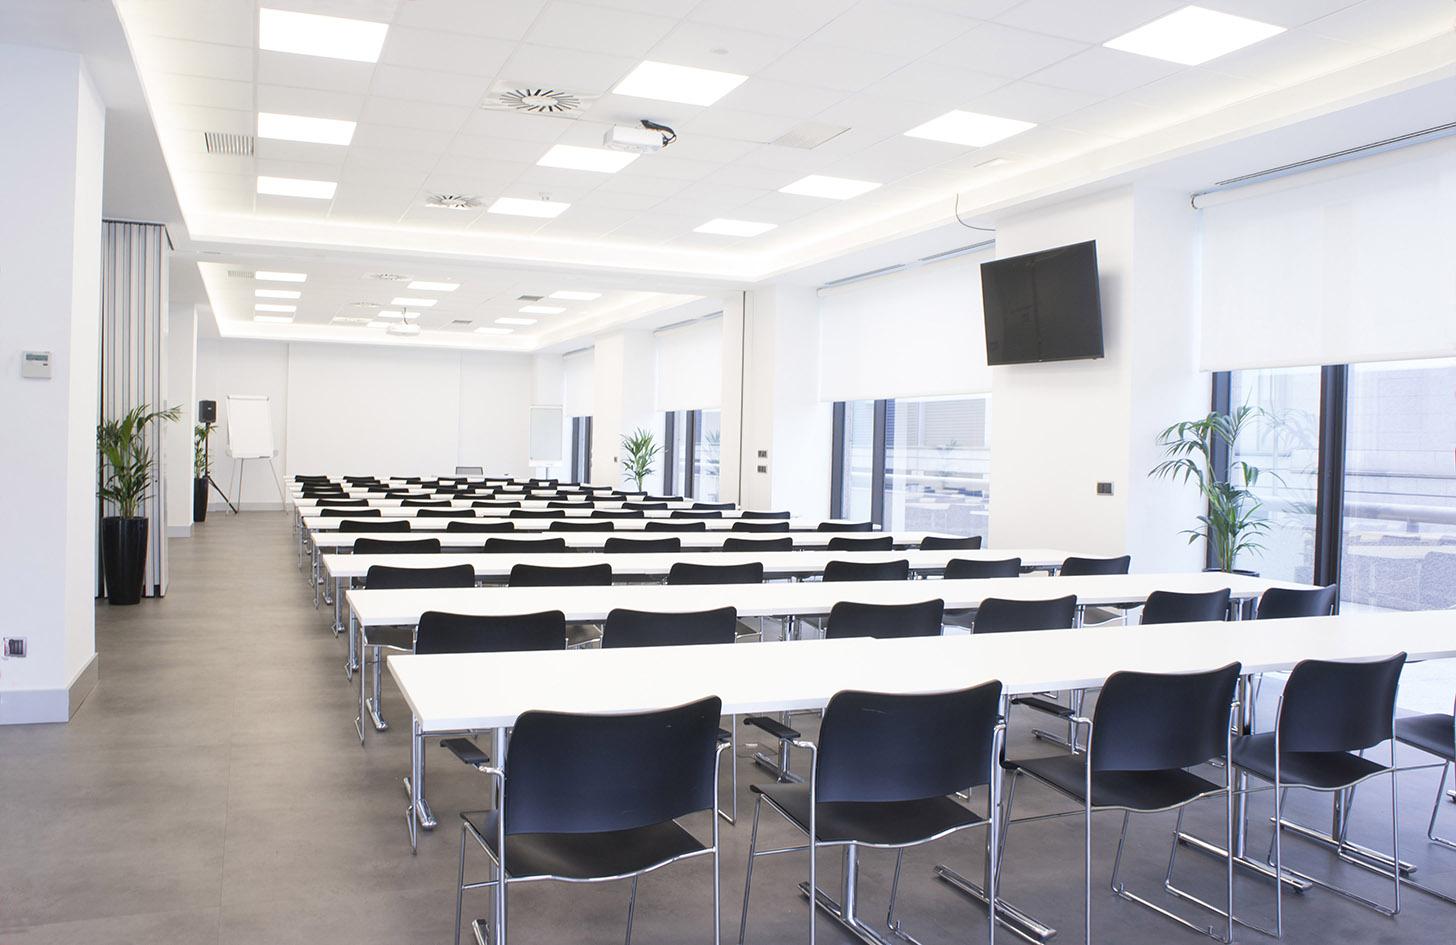 Beneficios de alquilar una sala de reuniones para formación corporativa